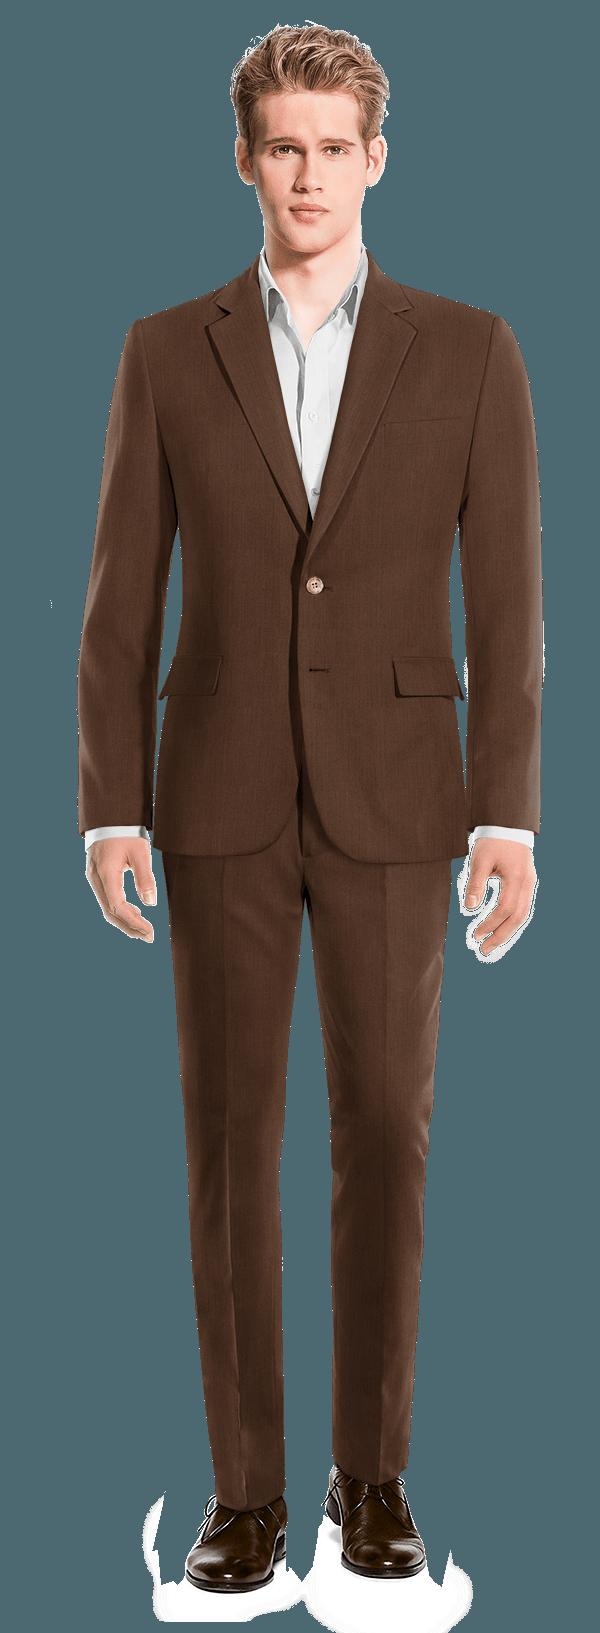 brauner anzug aus leinen 299 rumley hockerty. Black Bedroom Furniture Sets. Home Design Ideas